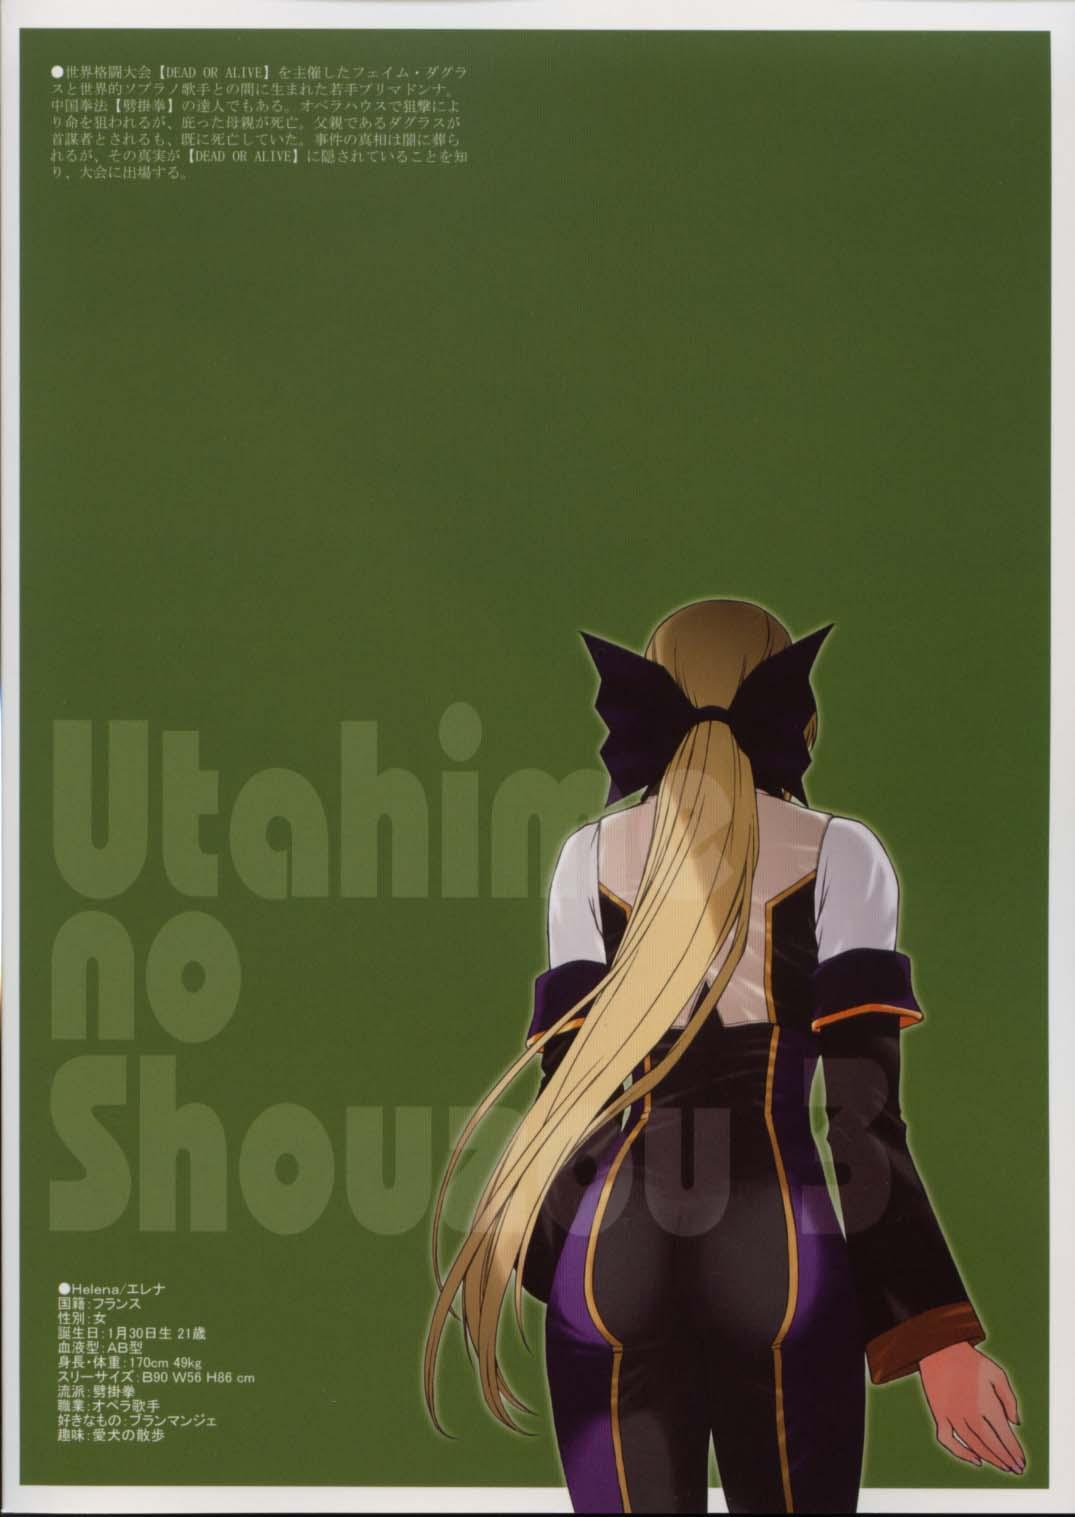 Utahime no Shouzou 3 59